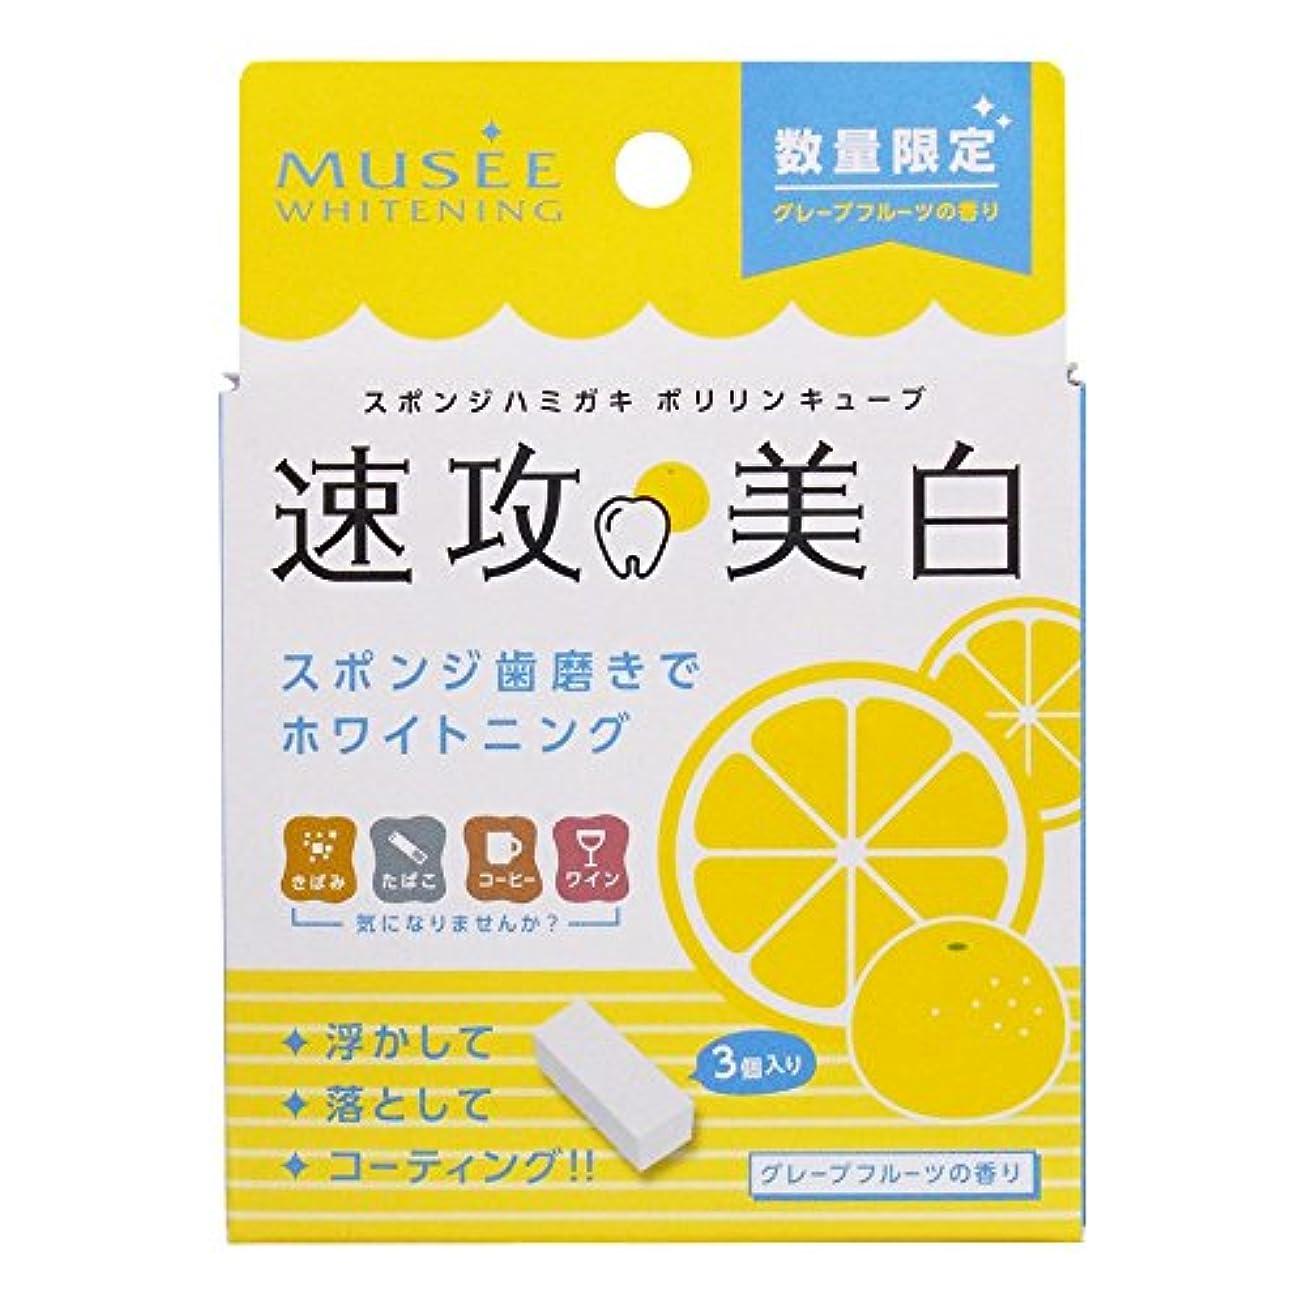 ずっと岸採用するミュゼホワイトニング ポリリンキューブ グレープフルーツの香り (1回分×3包)